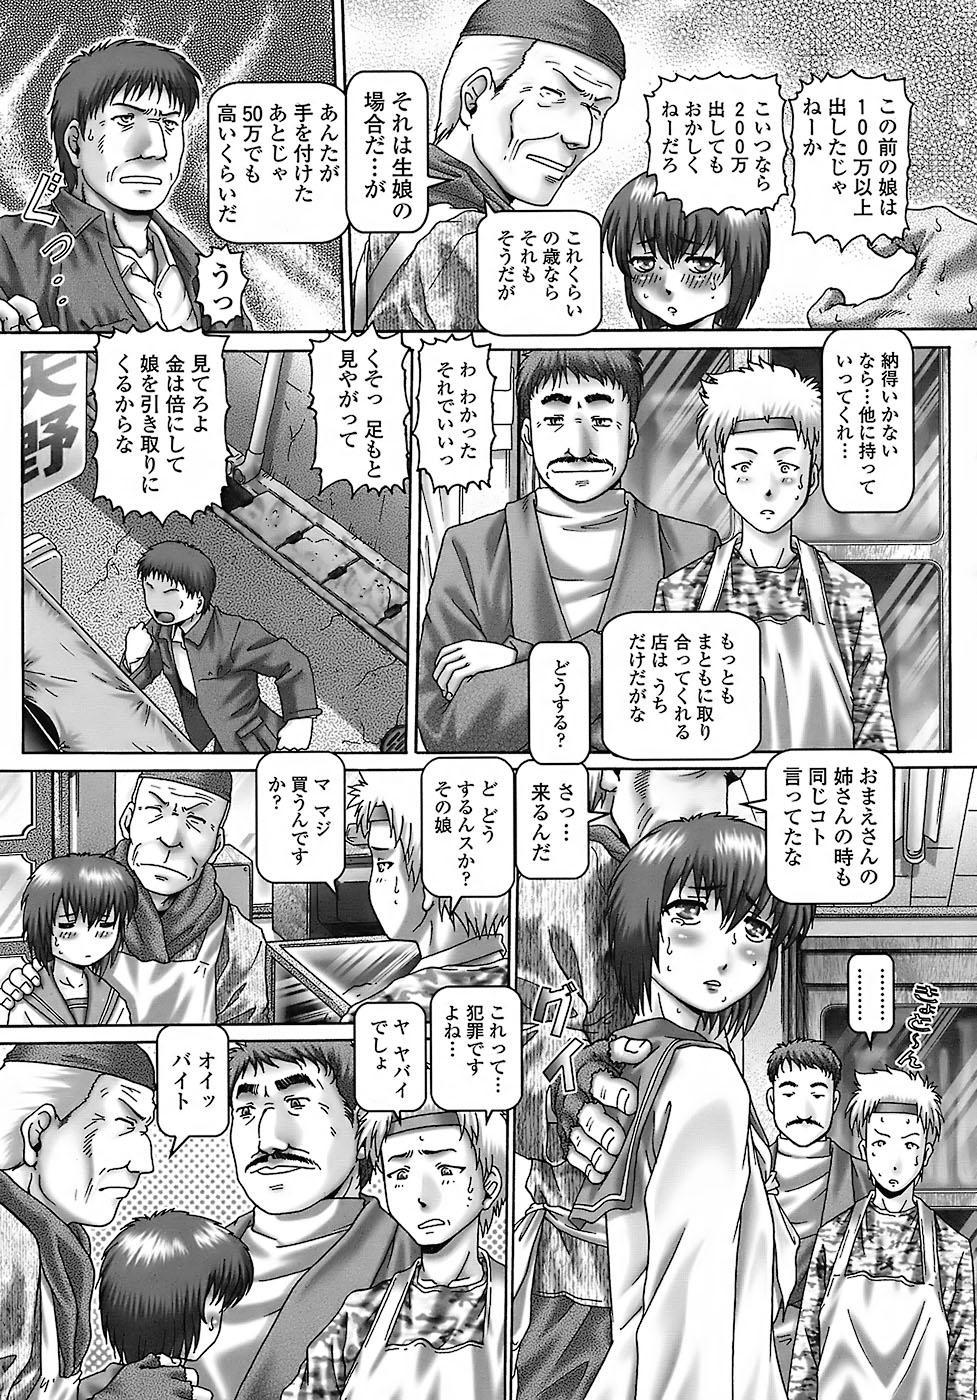 Tenshi no Shizuku 121